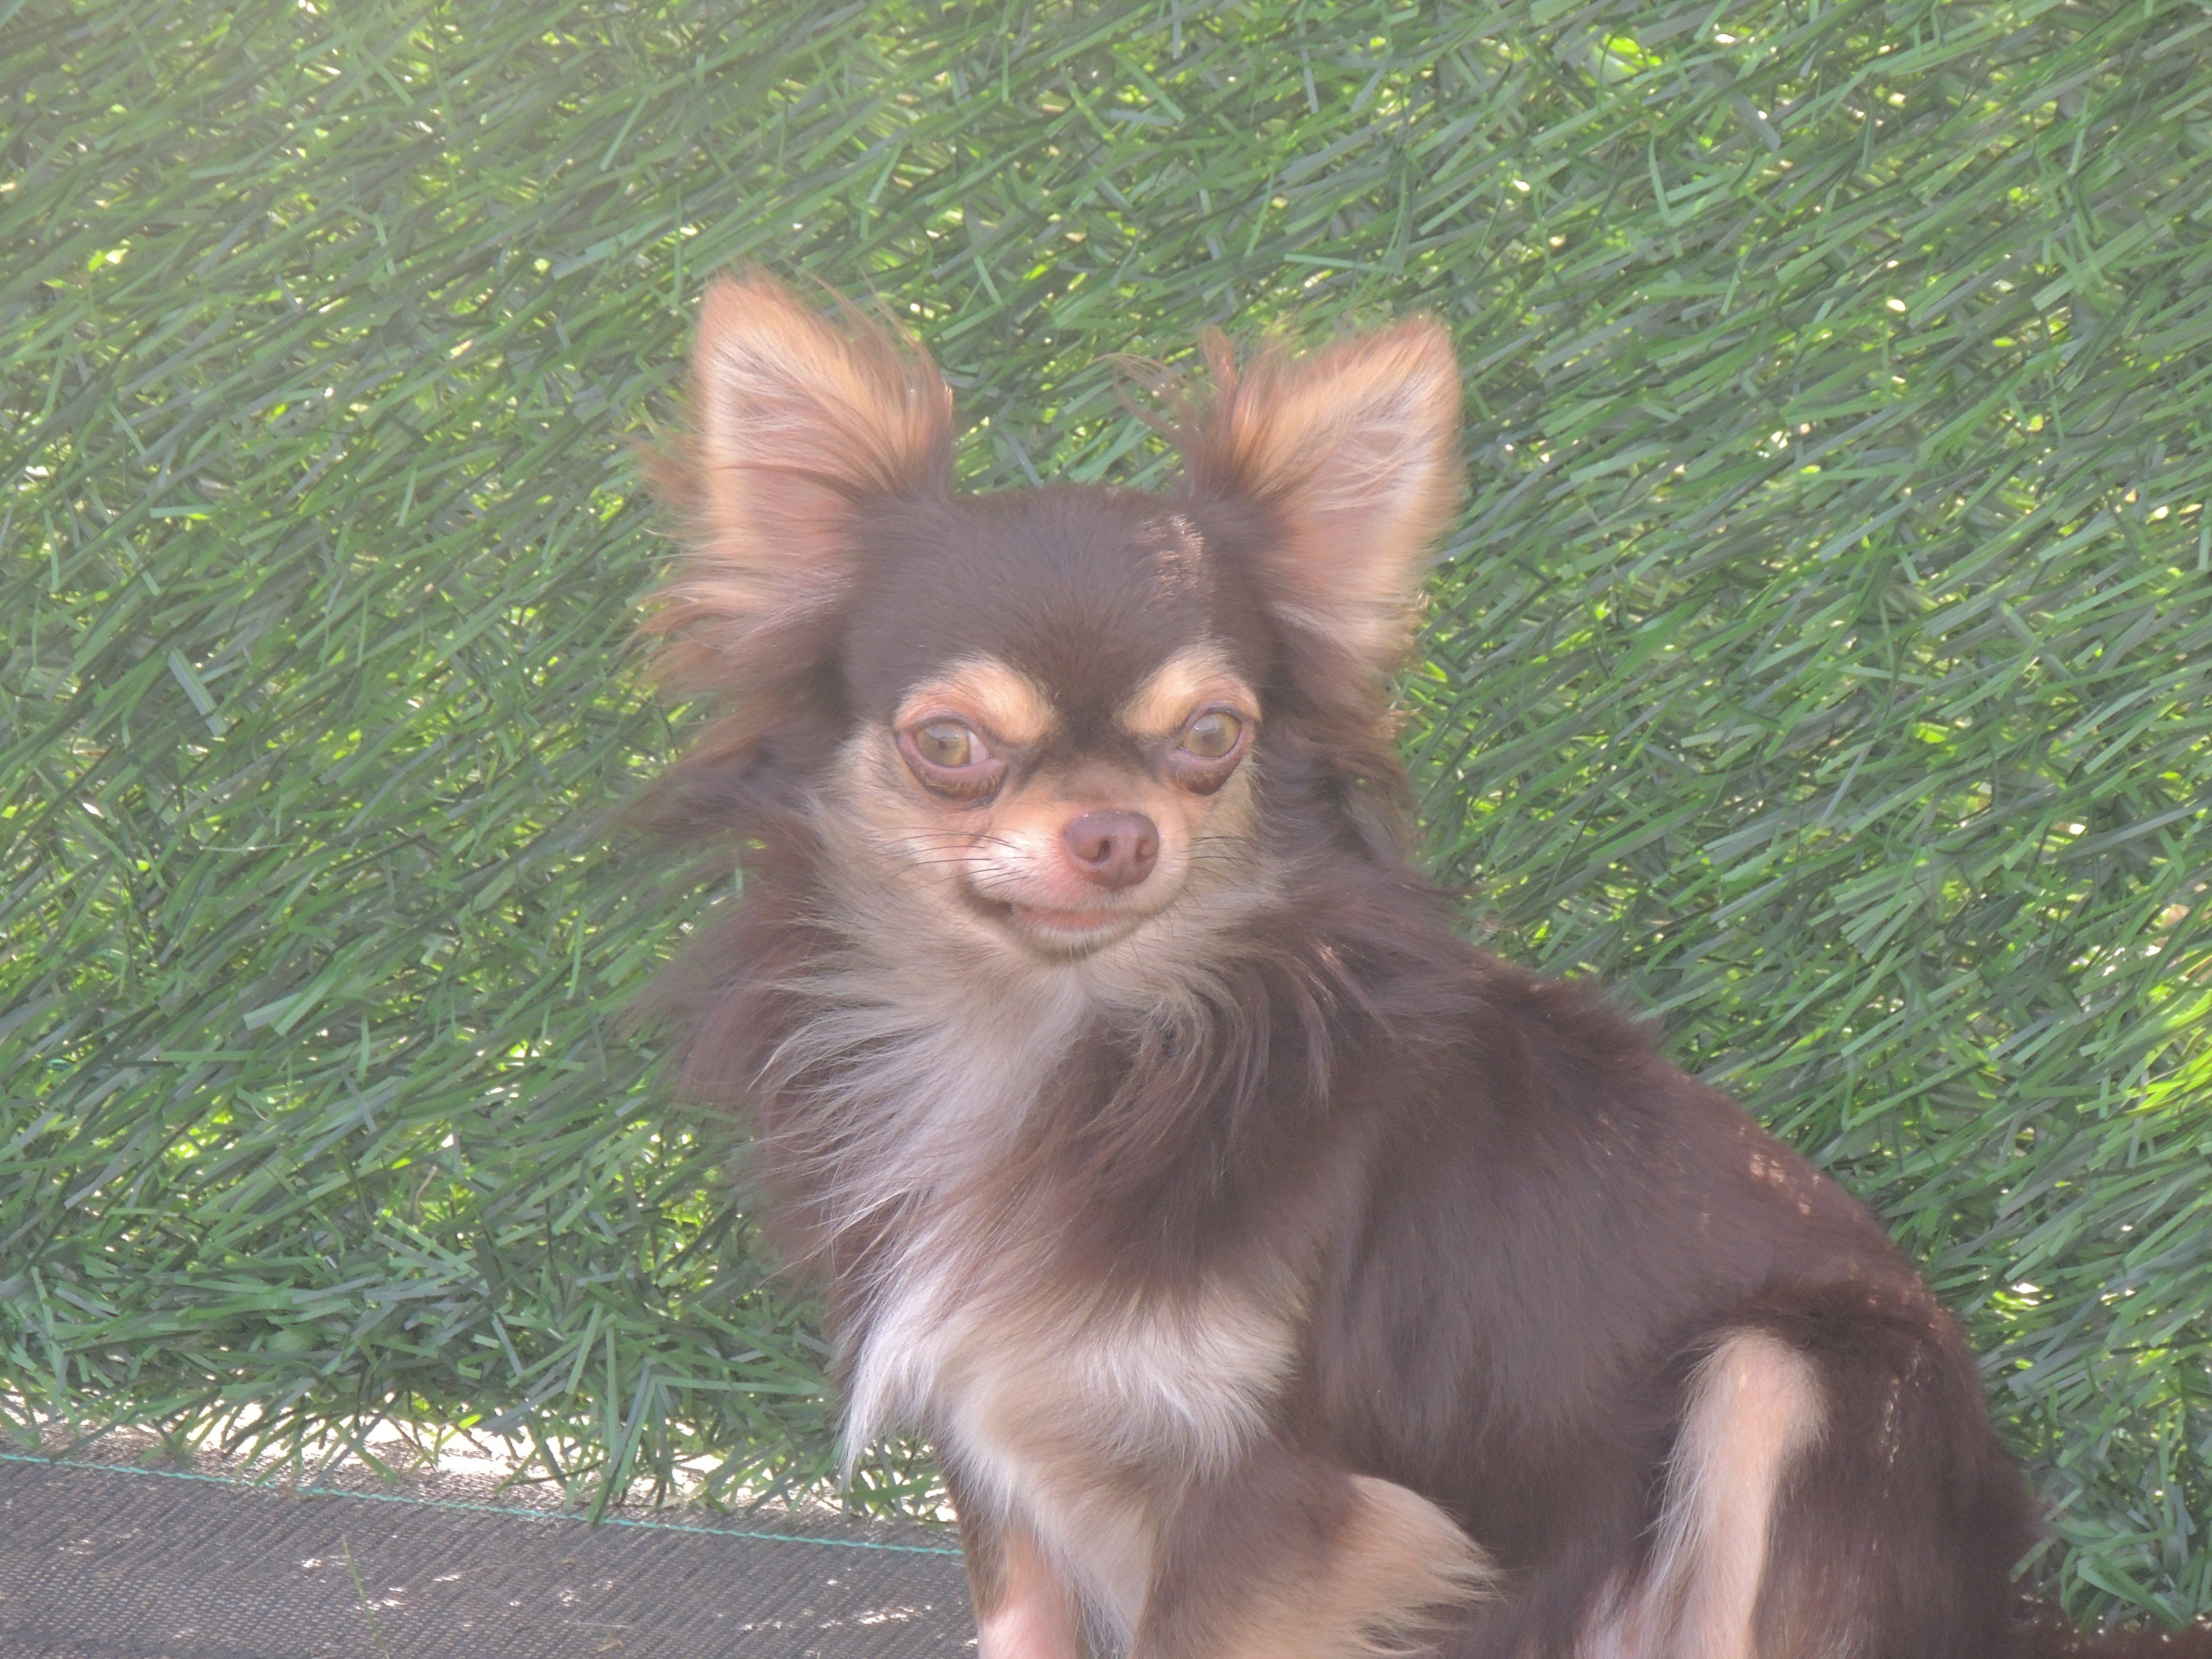 Chihuahua - Nocciollata milkshake de l'Eden des Petits Monarques